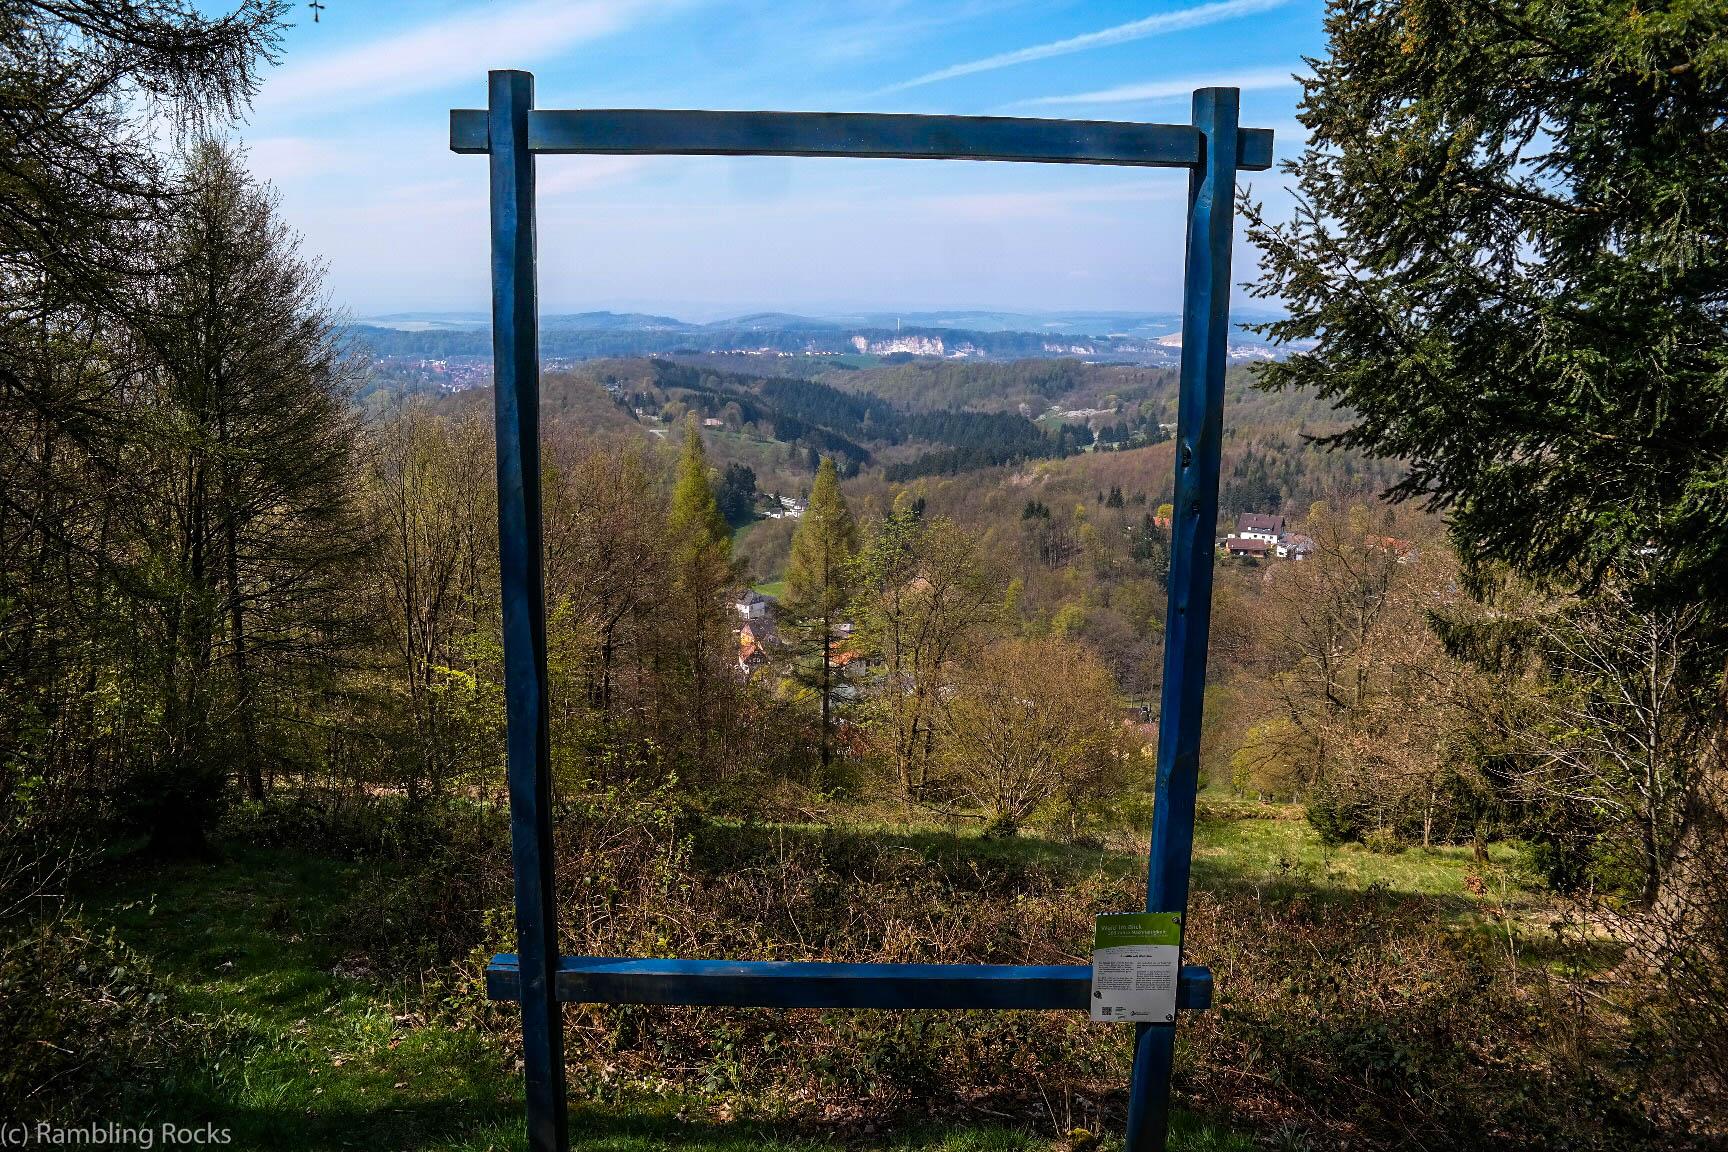 Harzfenster